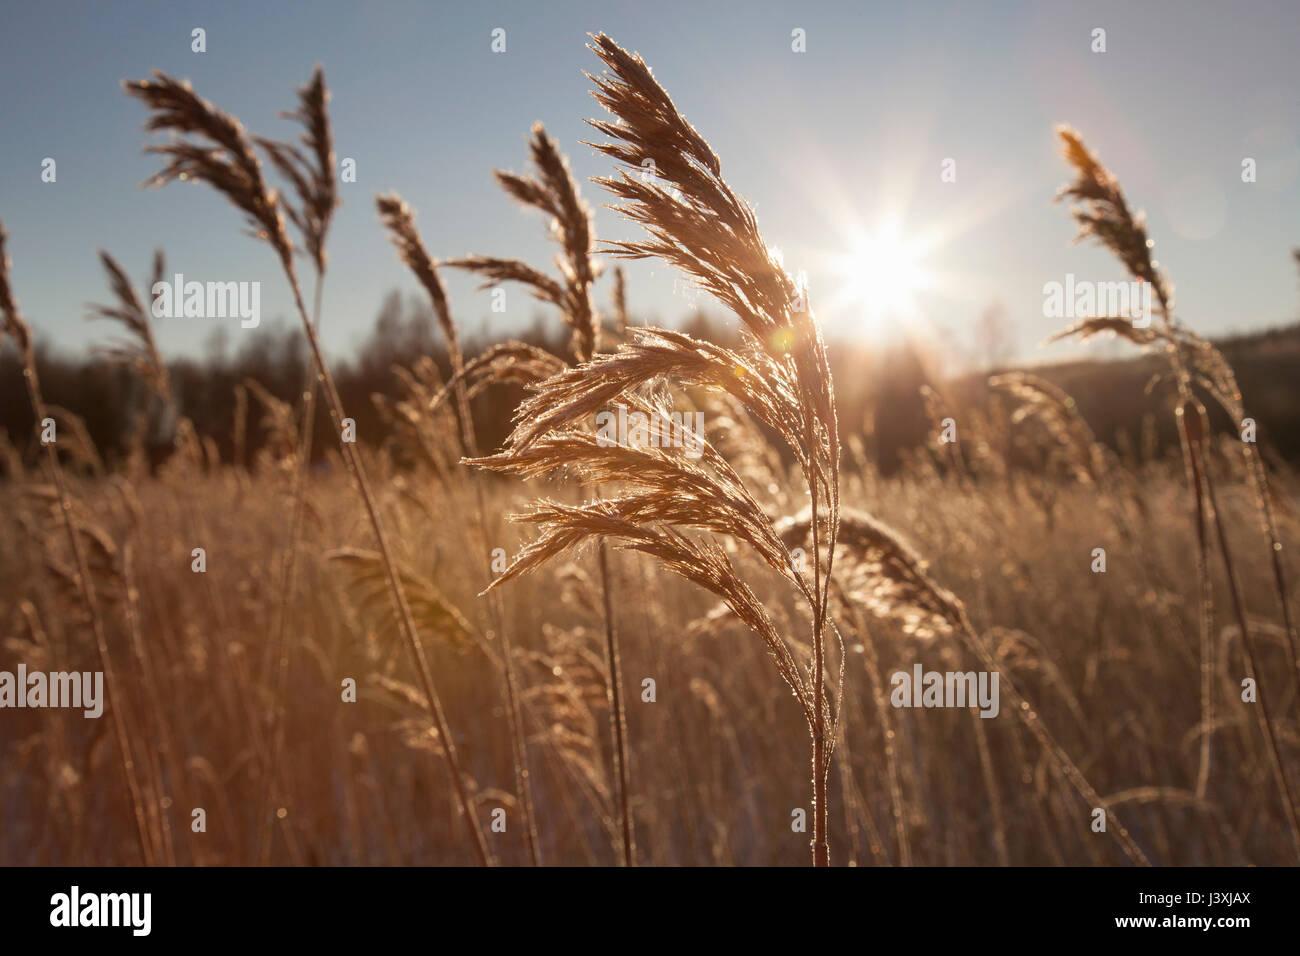 Paisaje iluminado de Marsh con common reed (Phragmites australis). Imagen De Stock